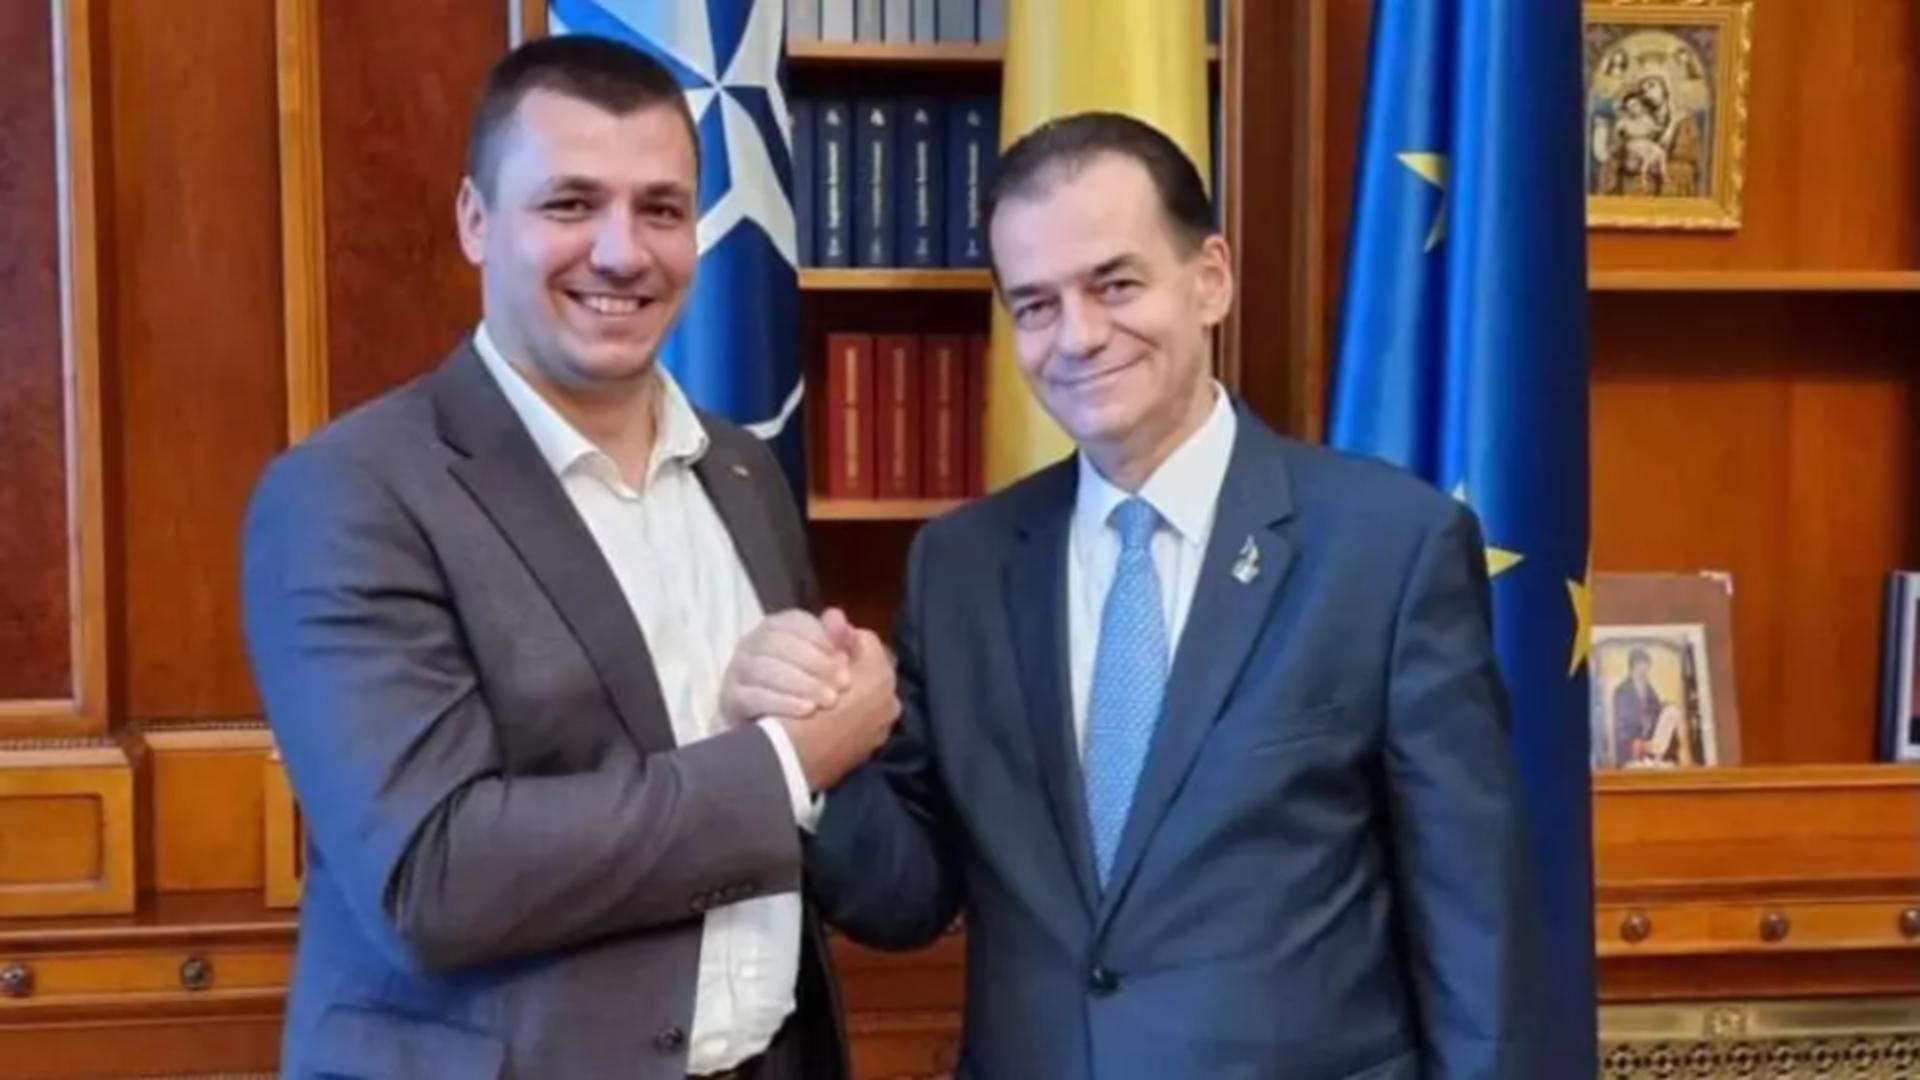 Cristian Opriș și Ludovic Orban. Foto: captură Facebook